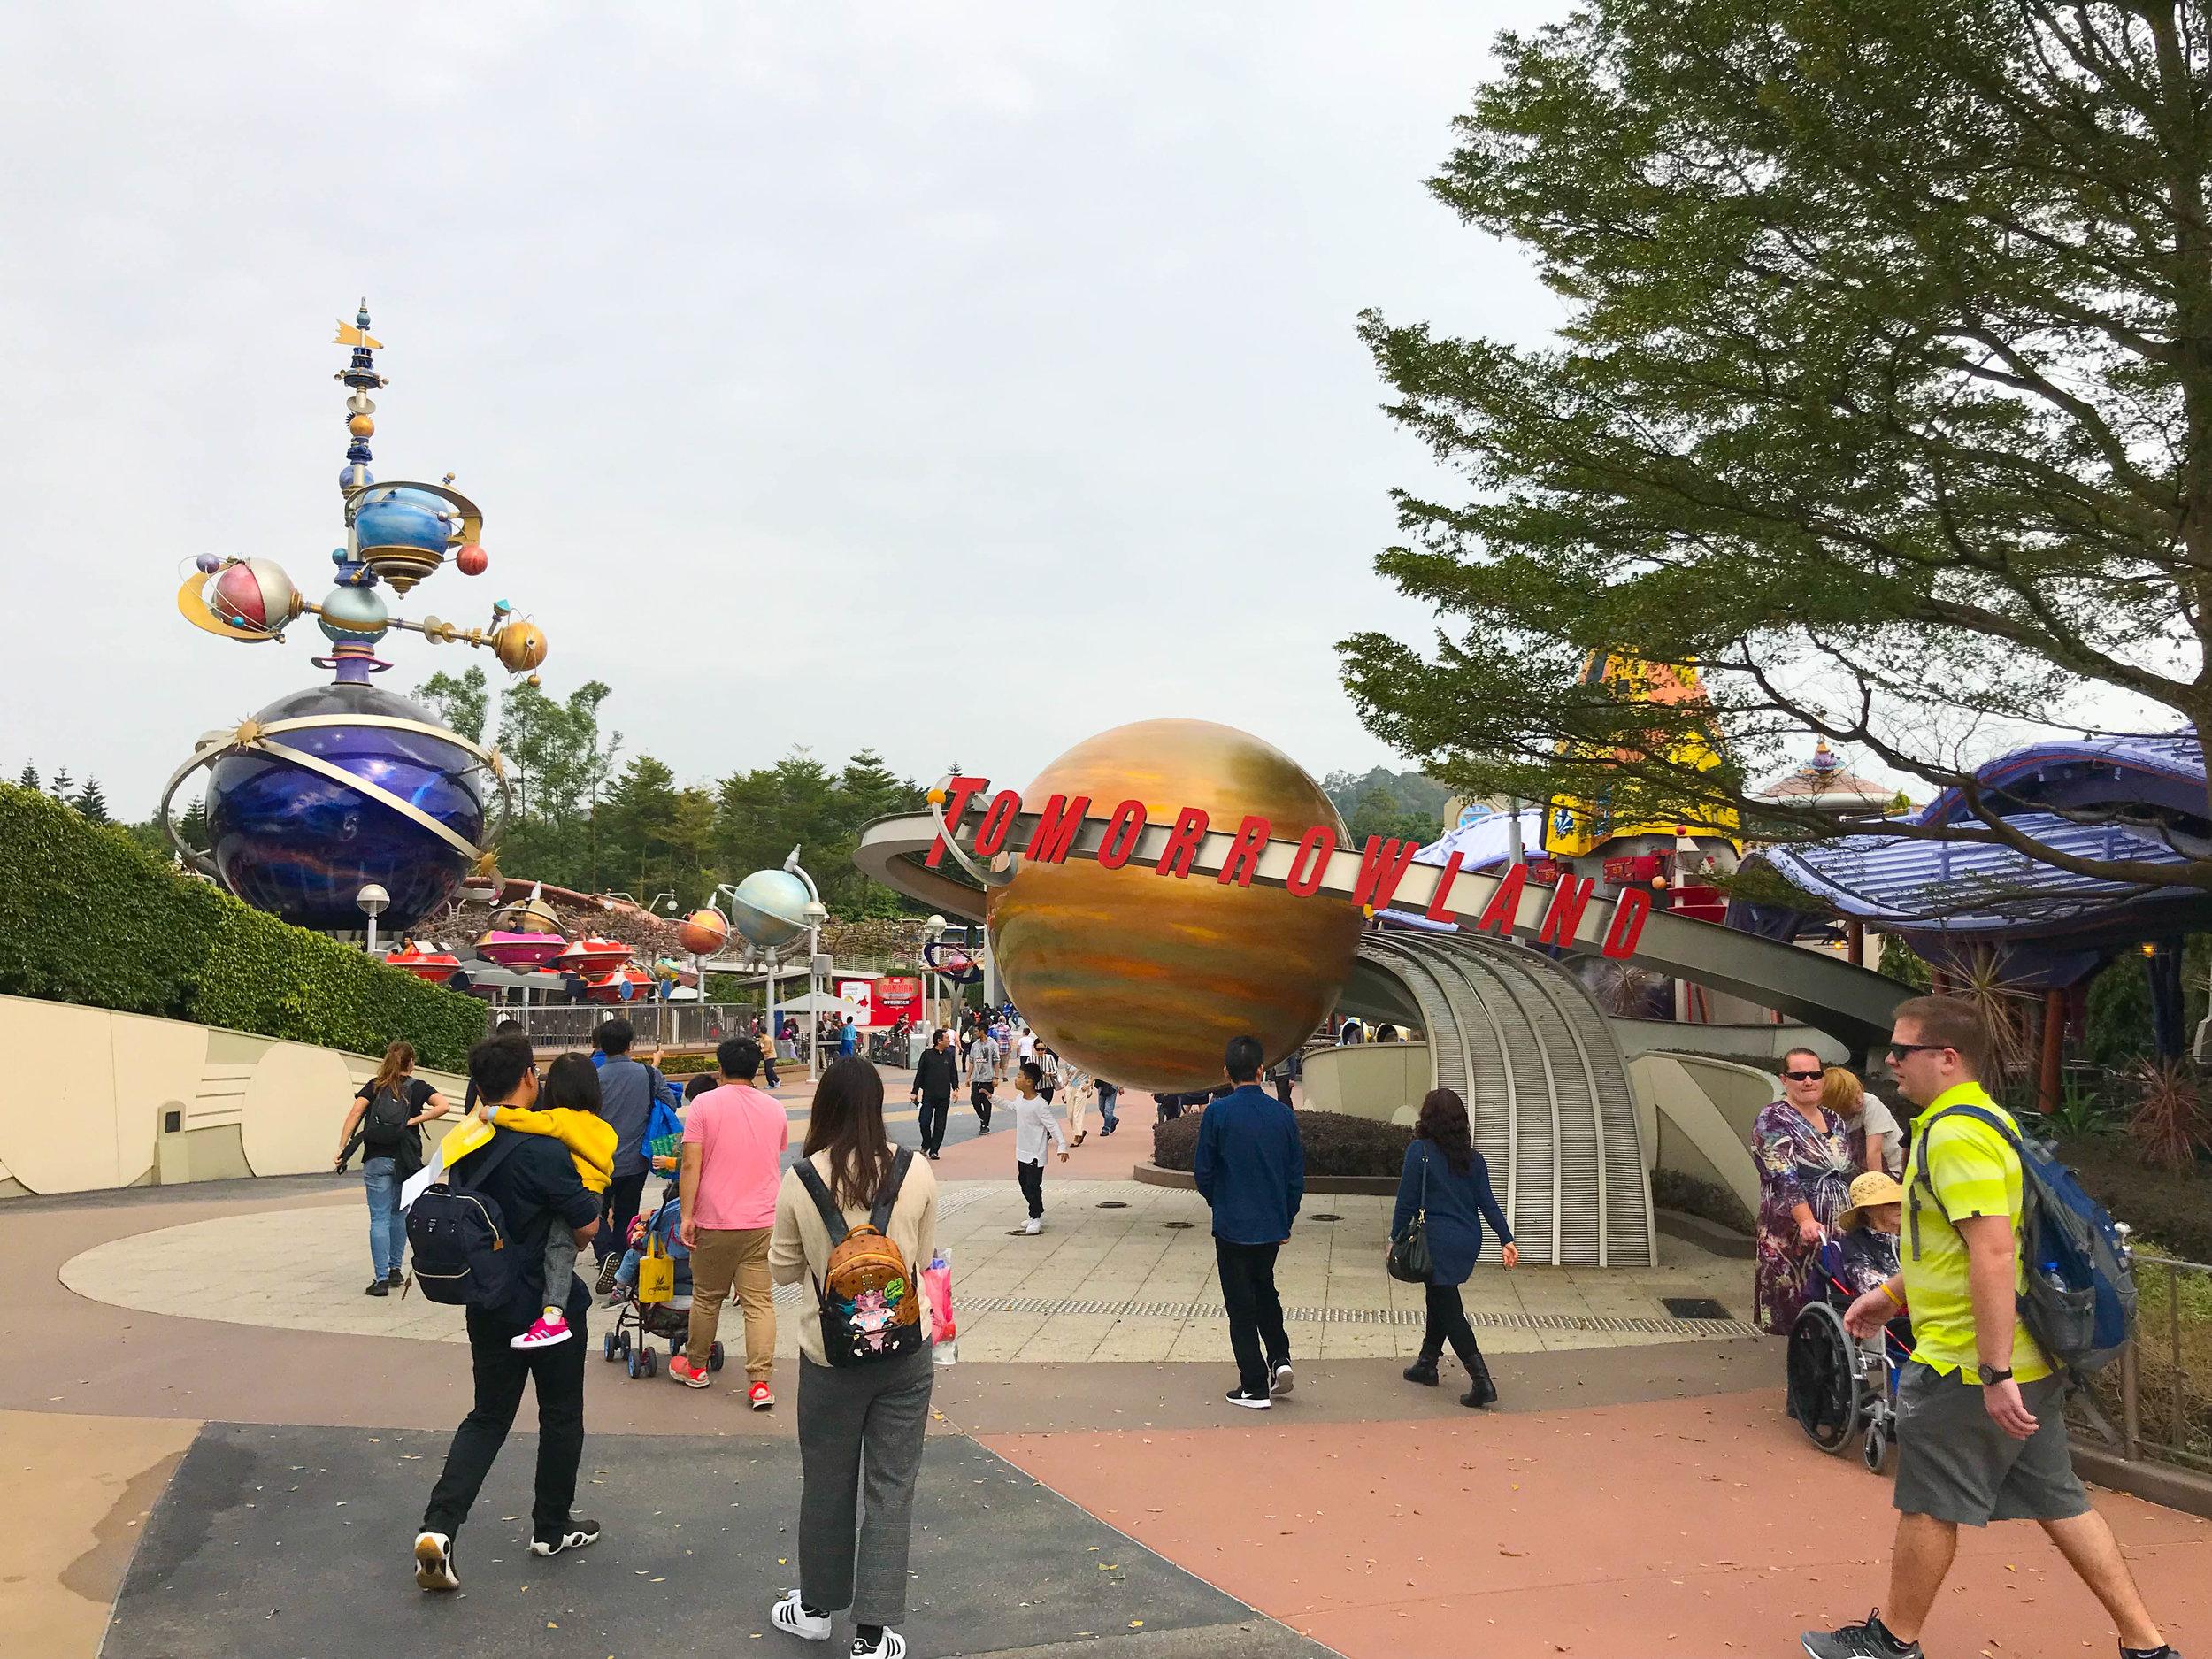 Tomorrowland Entrance - Hong Kong Disneyland